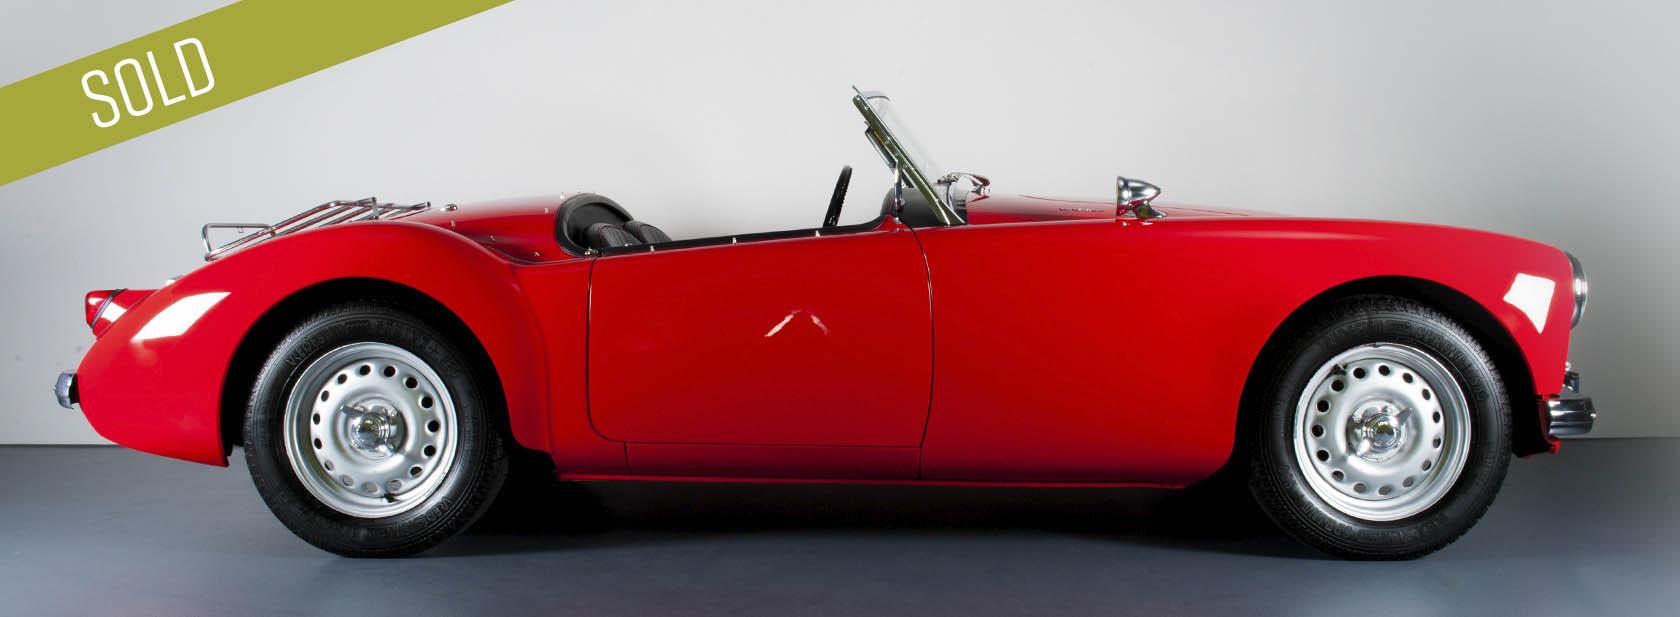 MG MGA 1600 SPECIAL